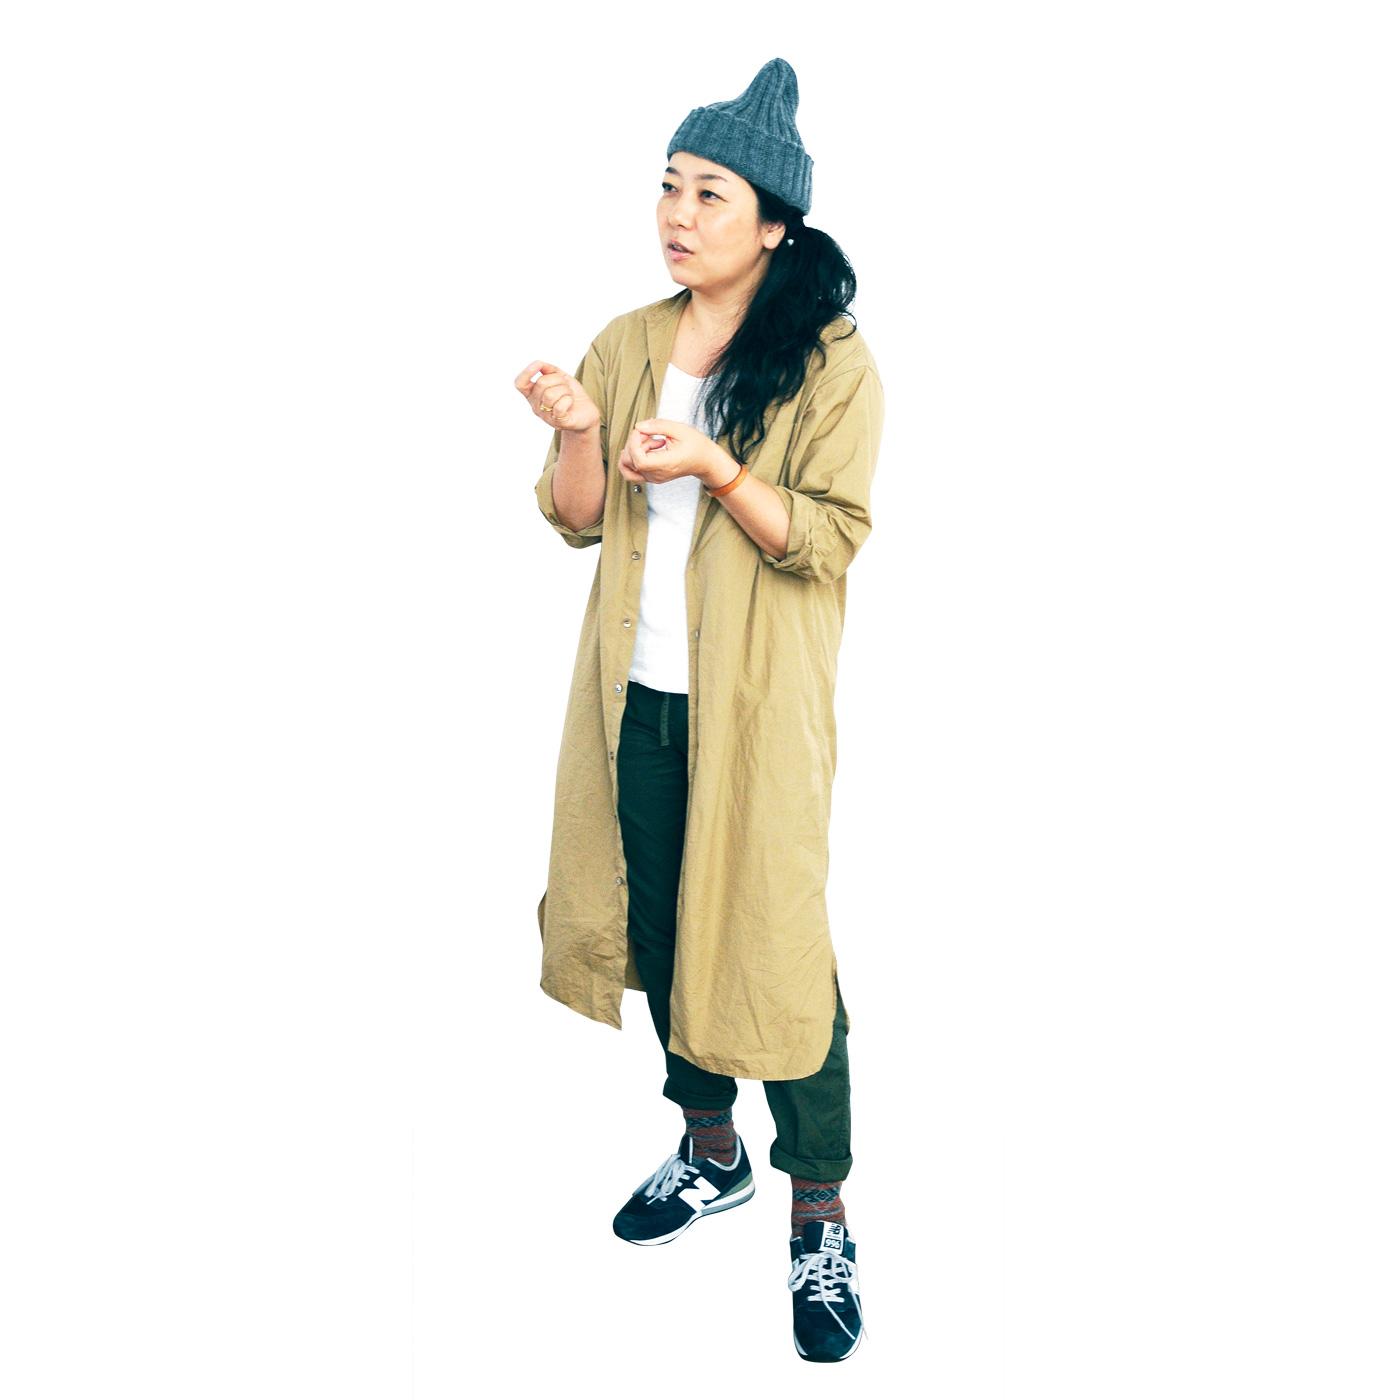 [Profile:スタイリスト 村上きわこさん] ひとりの女性の物語をつづるようなストーリーのあるスタイリングに定評があり、『職人の春鞄』をはじめフェリシモのカタログ、広告、雑誌など多方面で活躍。また、イベントやファッション雑貨のプロデュースの場でも活躍。